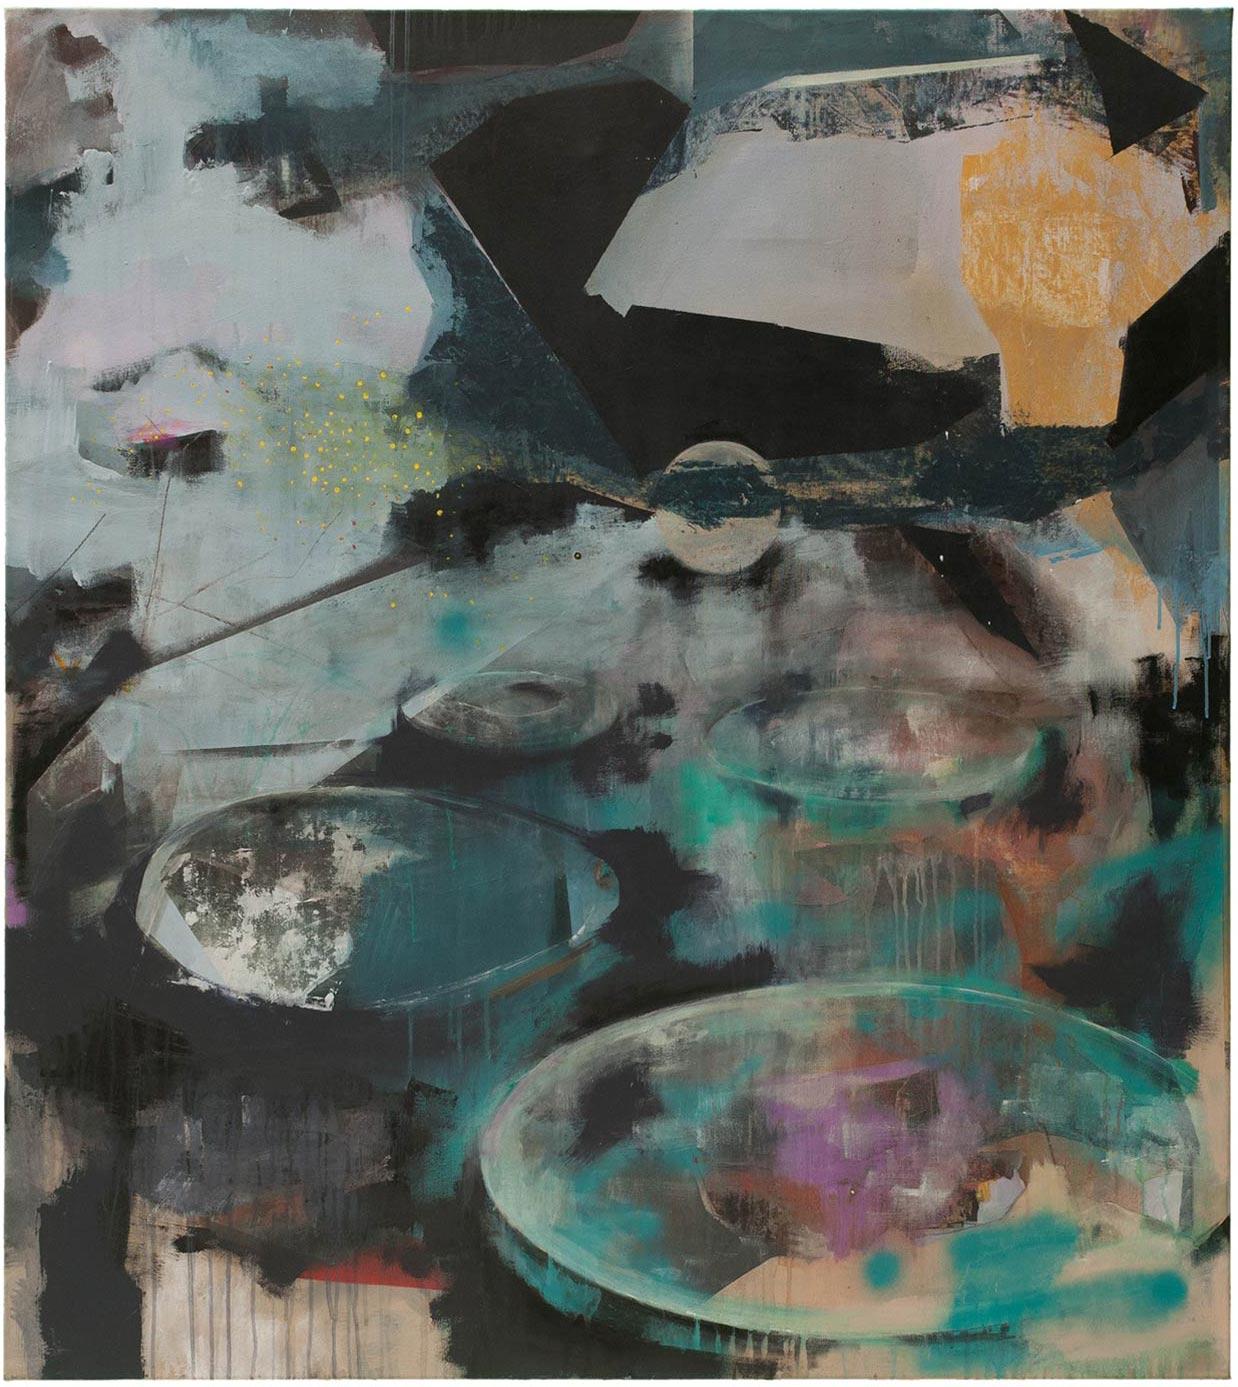 Schattenseite, 2014 (H1) Leimfarbe auf Leinen 110 x 135cm